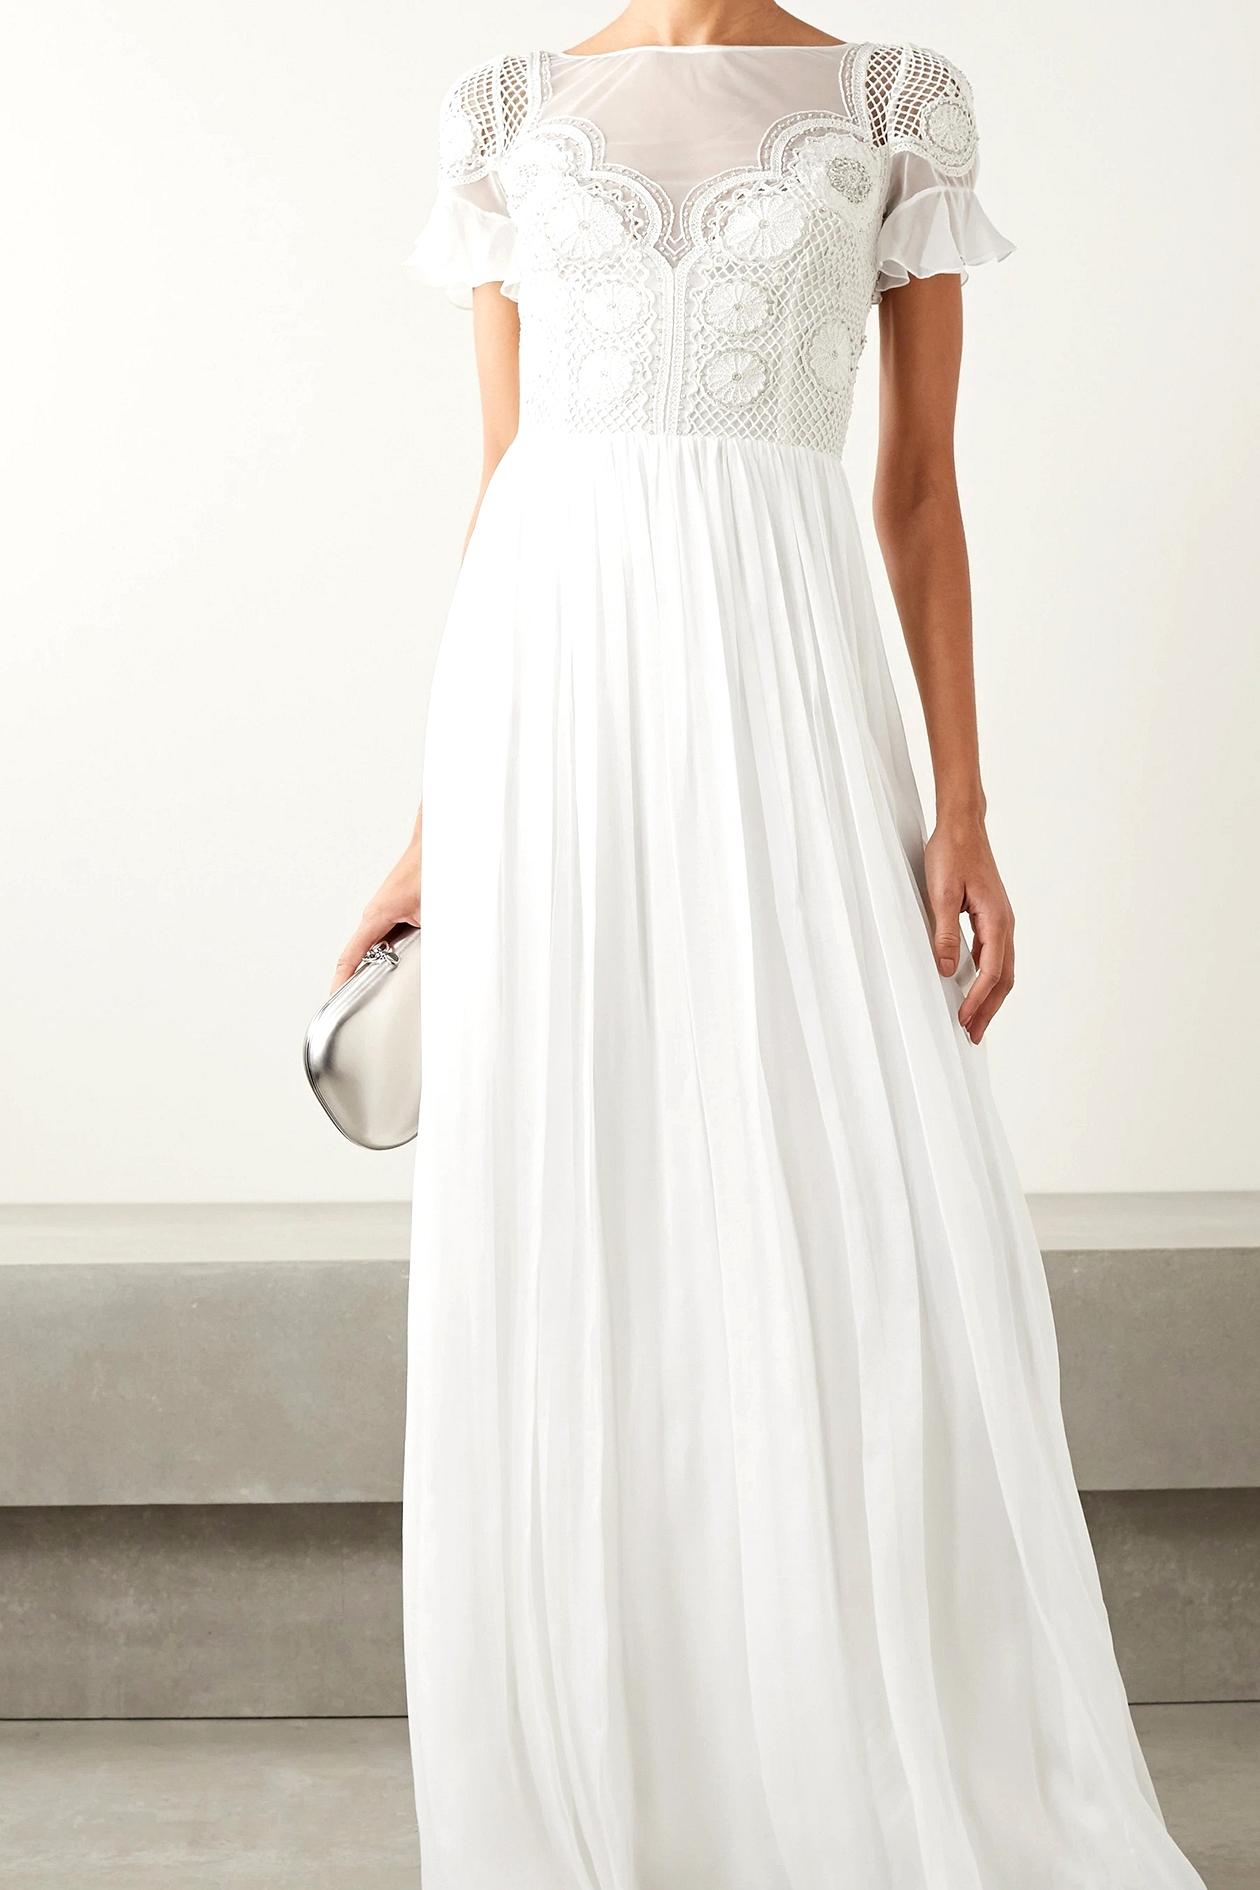 Bridgerton-inspired dresses